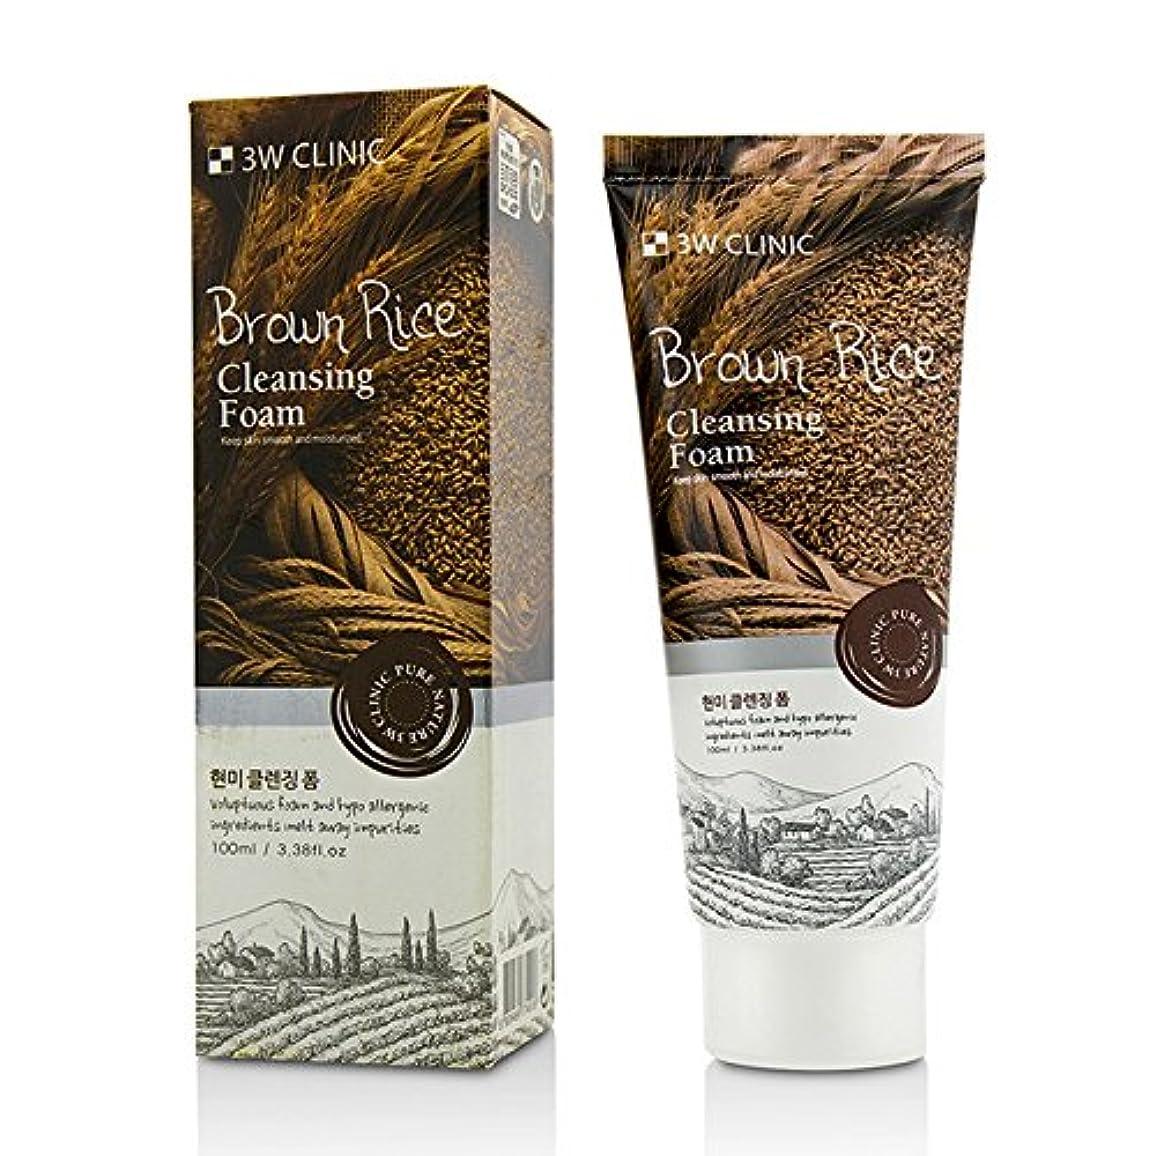 顧問腸膨らみ3Wクリニック Cleansing Foam - Brown Rice 100ml/3.38oz並行輸入品